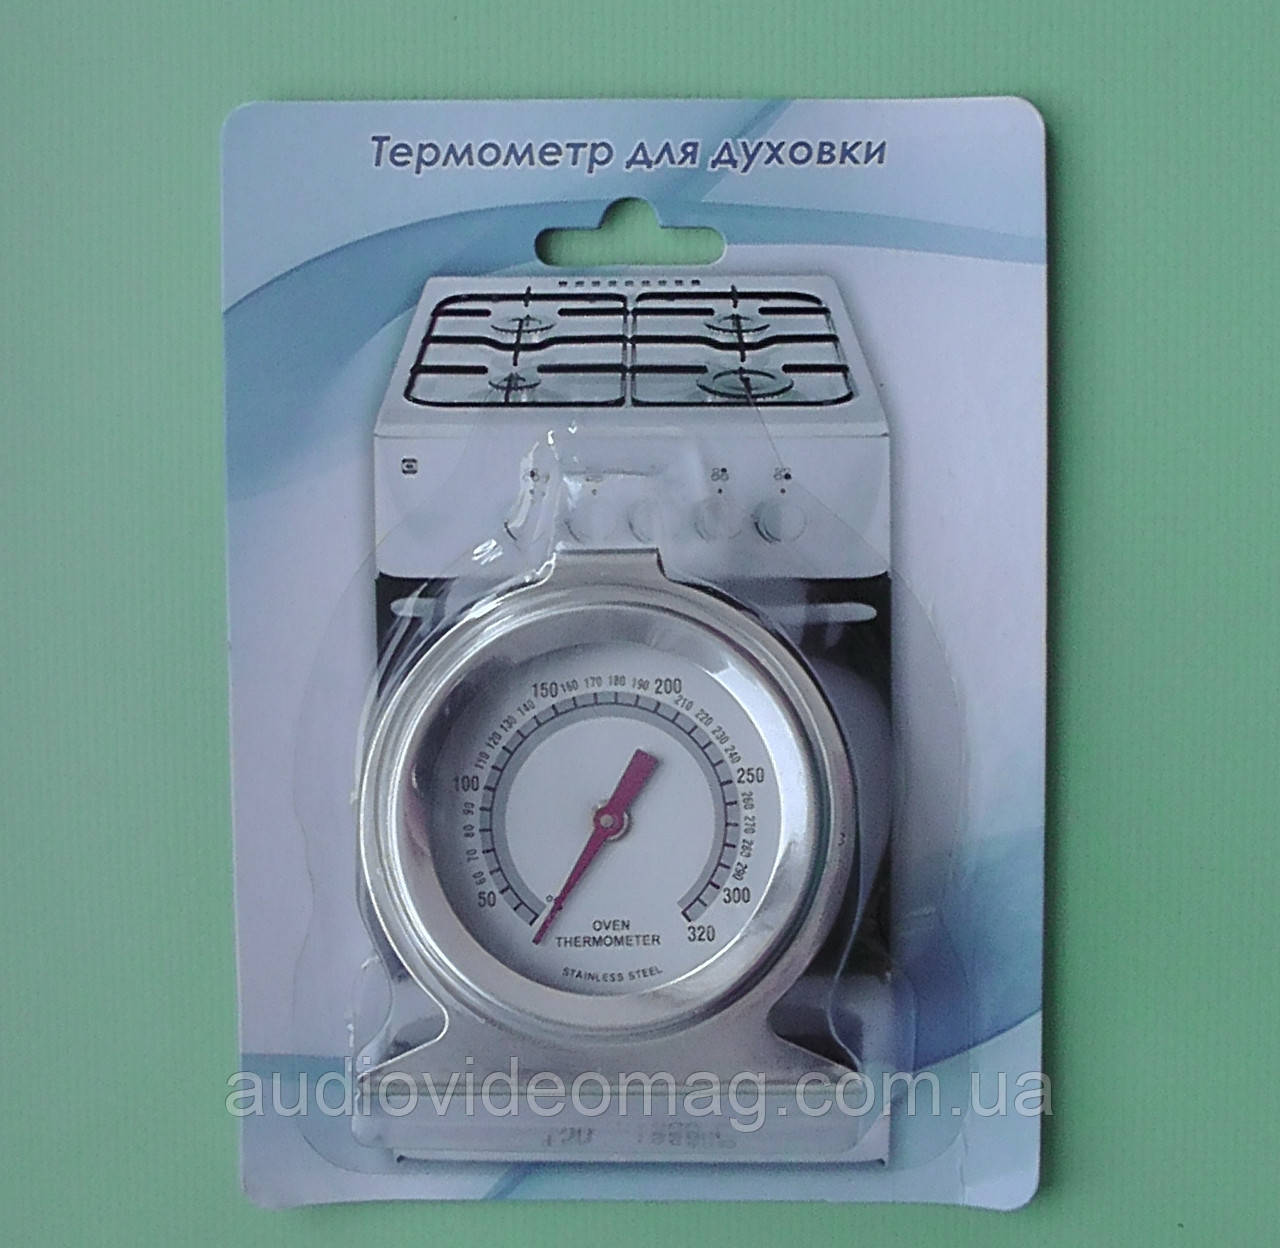 Термометр для духовой печи 50-320 градусов Цельсия